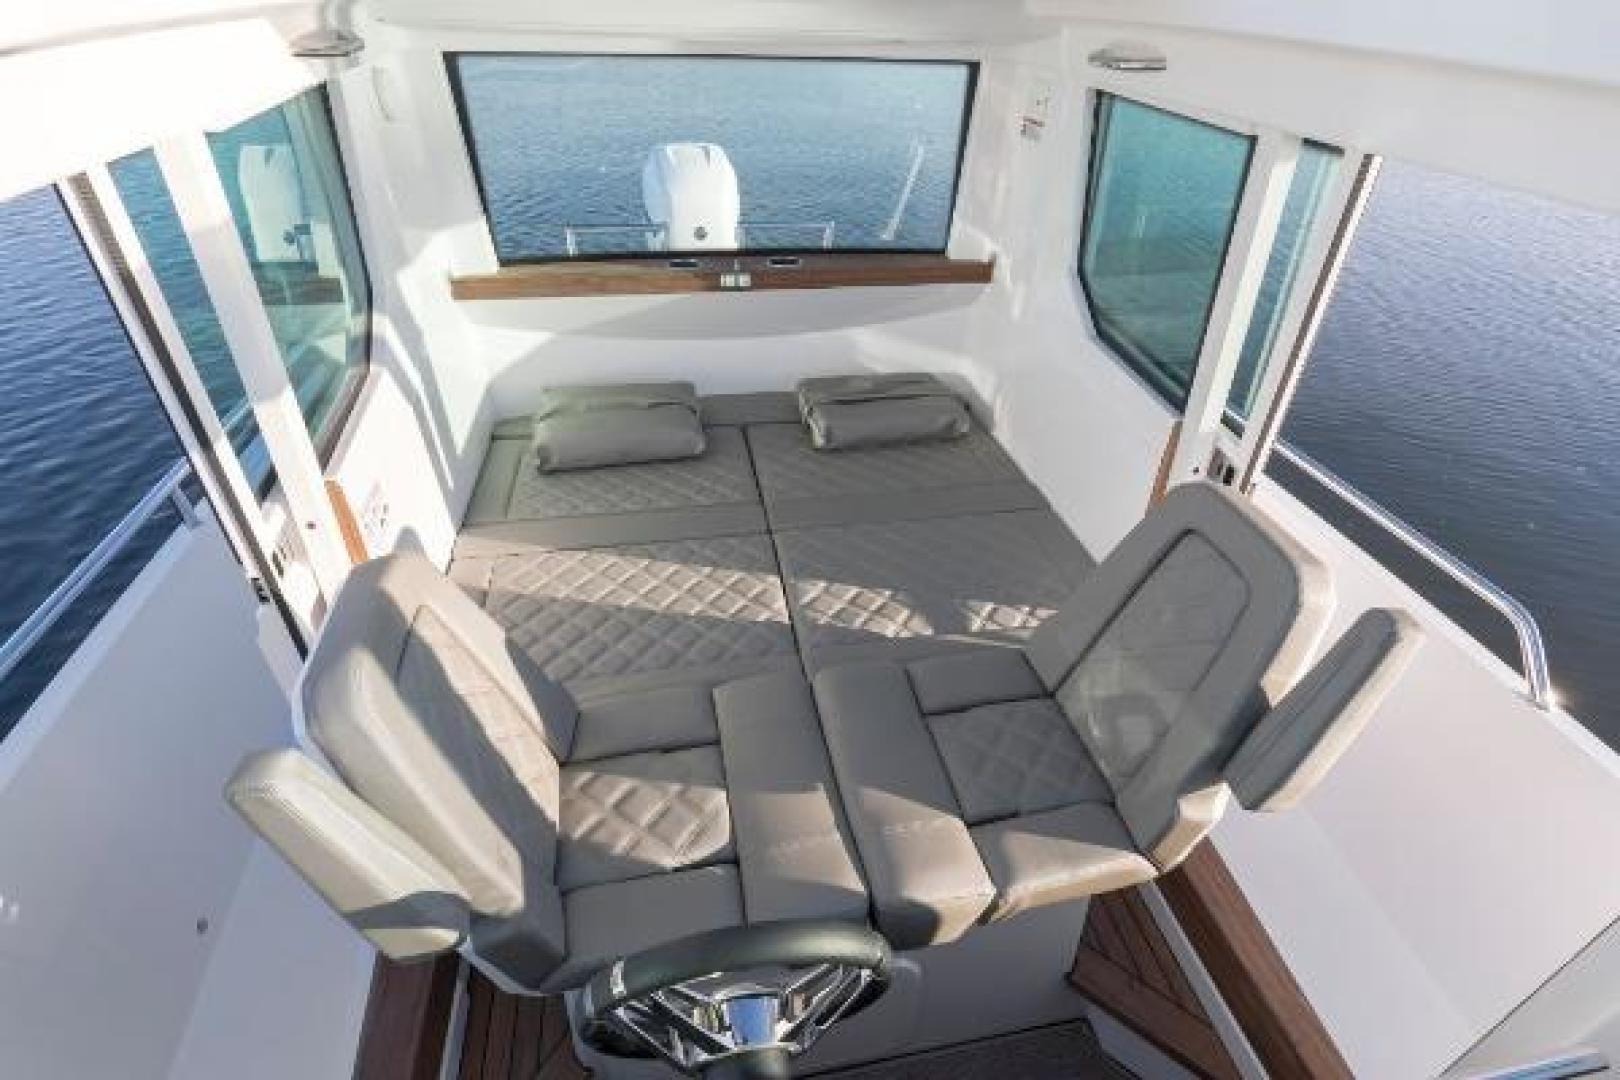 Axopar-28 CABIN 2021-Axopar 28 CABIN Palm Beach-Florida-United States-1531492 | Thumbnail